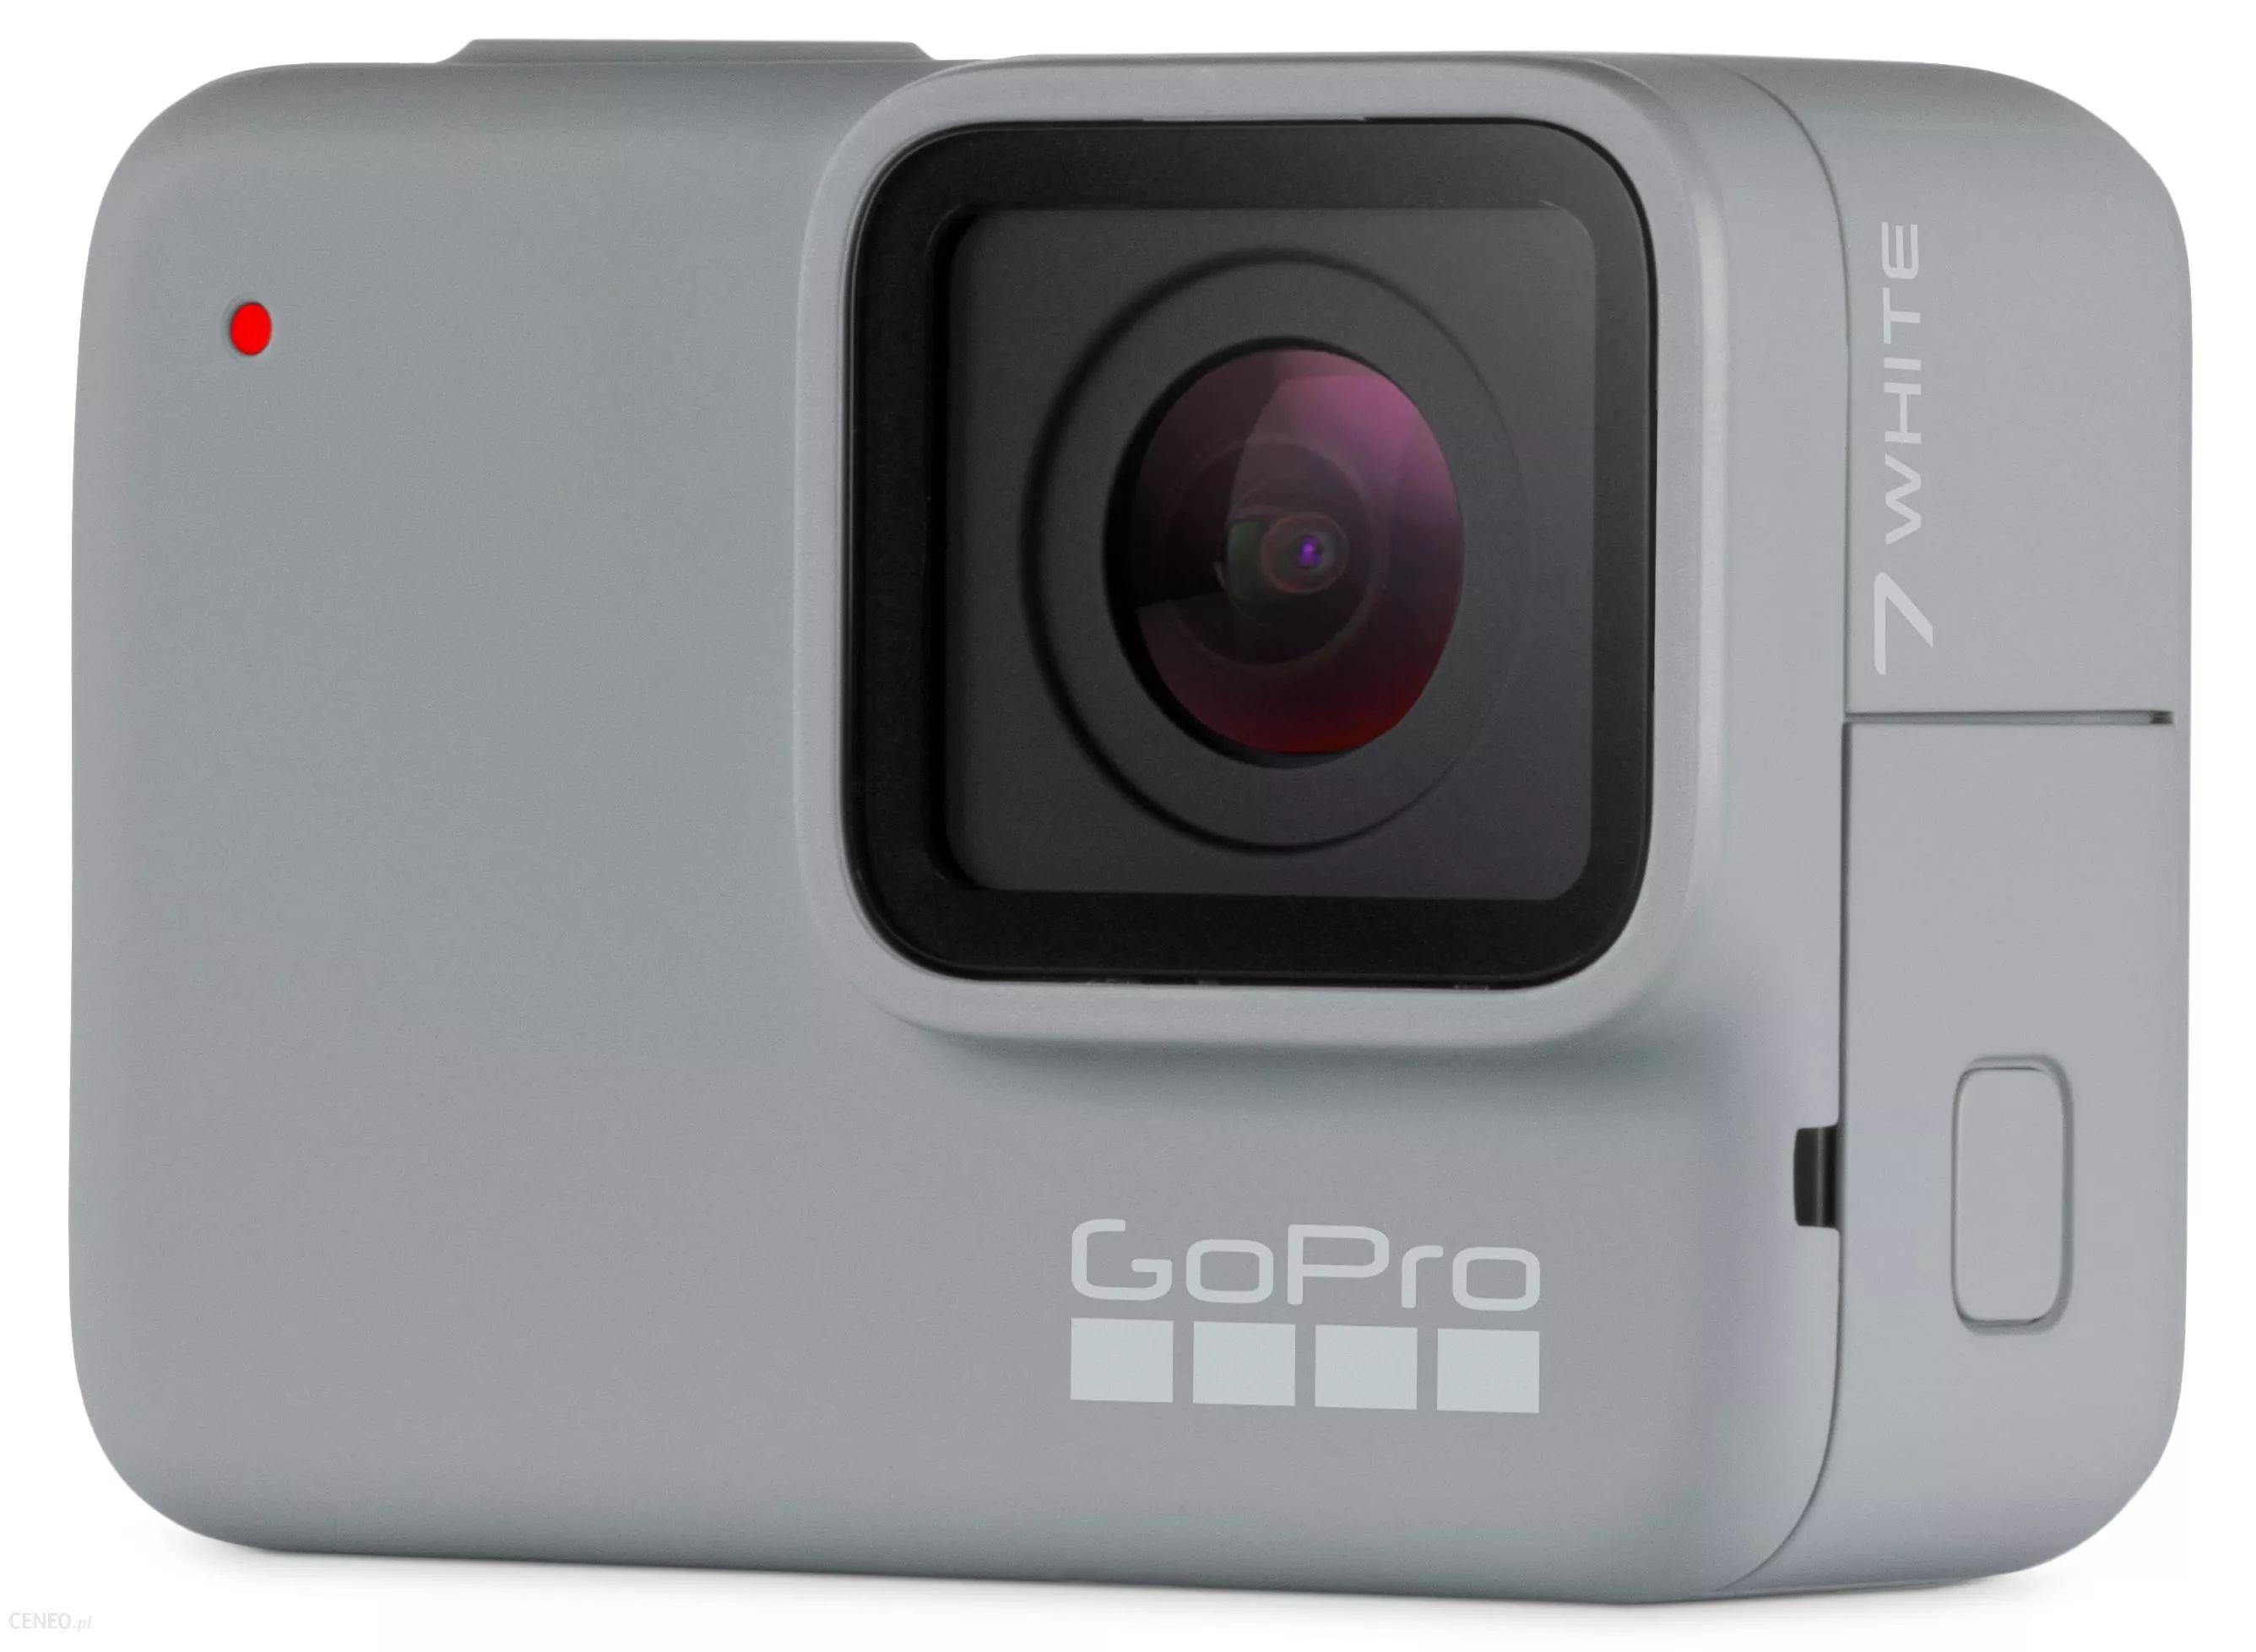 kamerka sportowa GoPro HERO 7 white